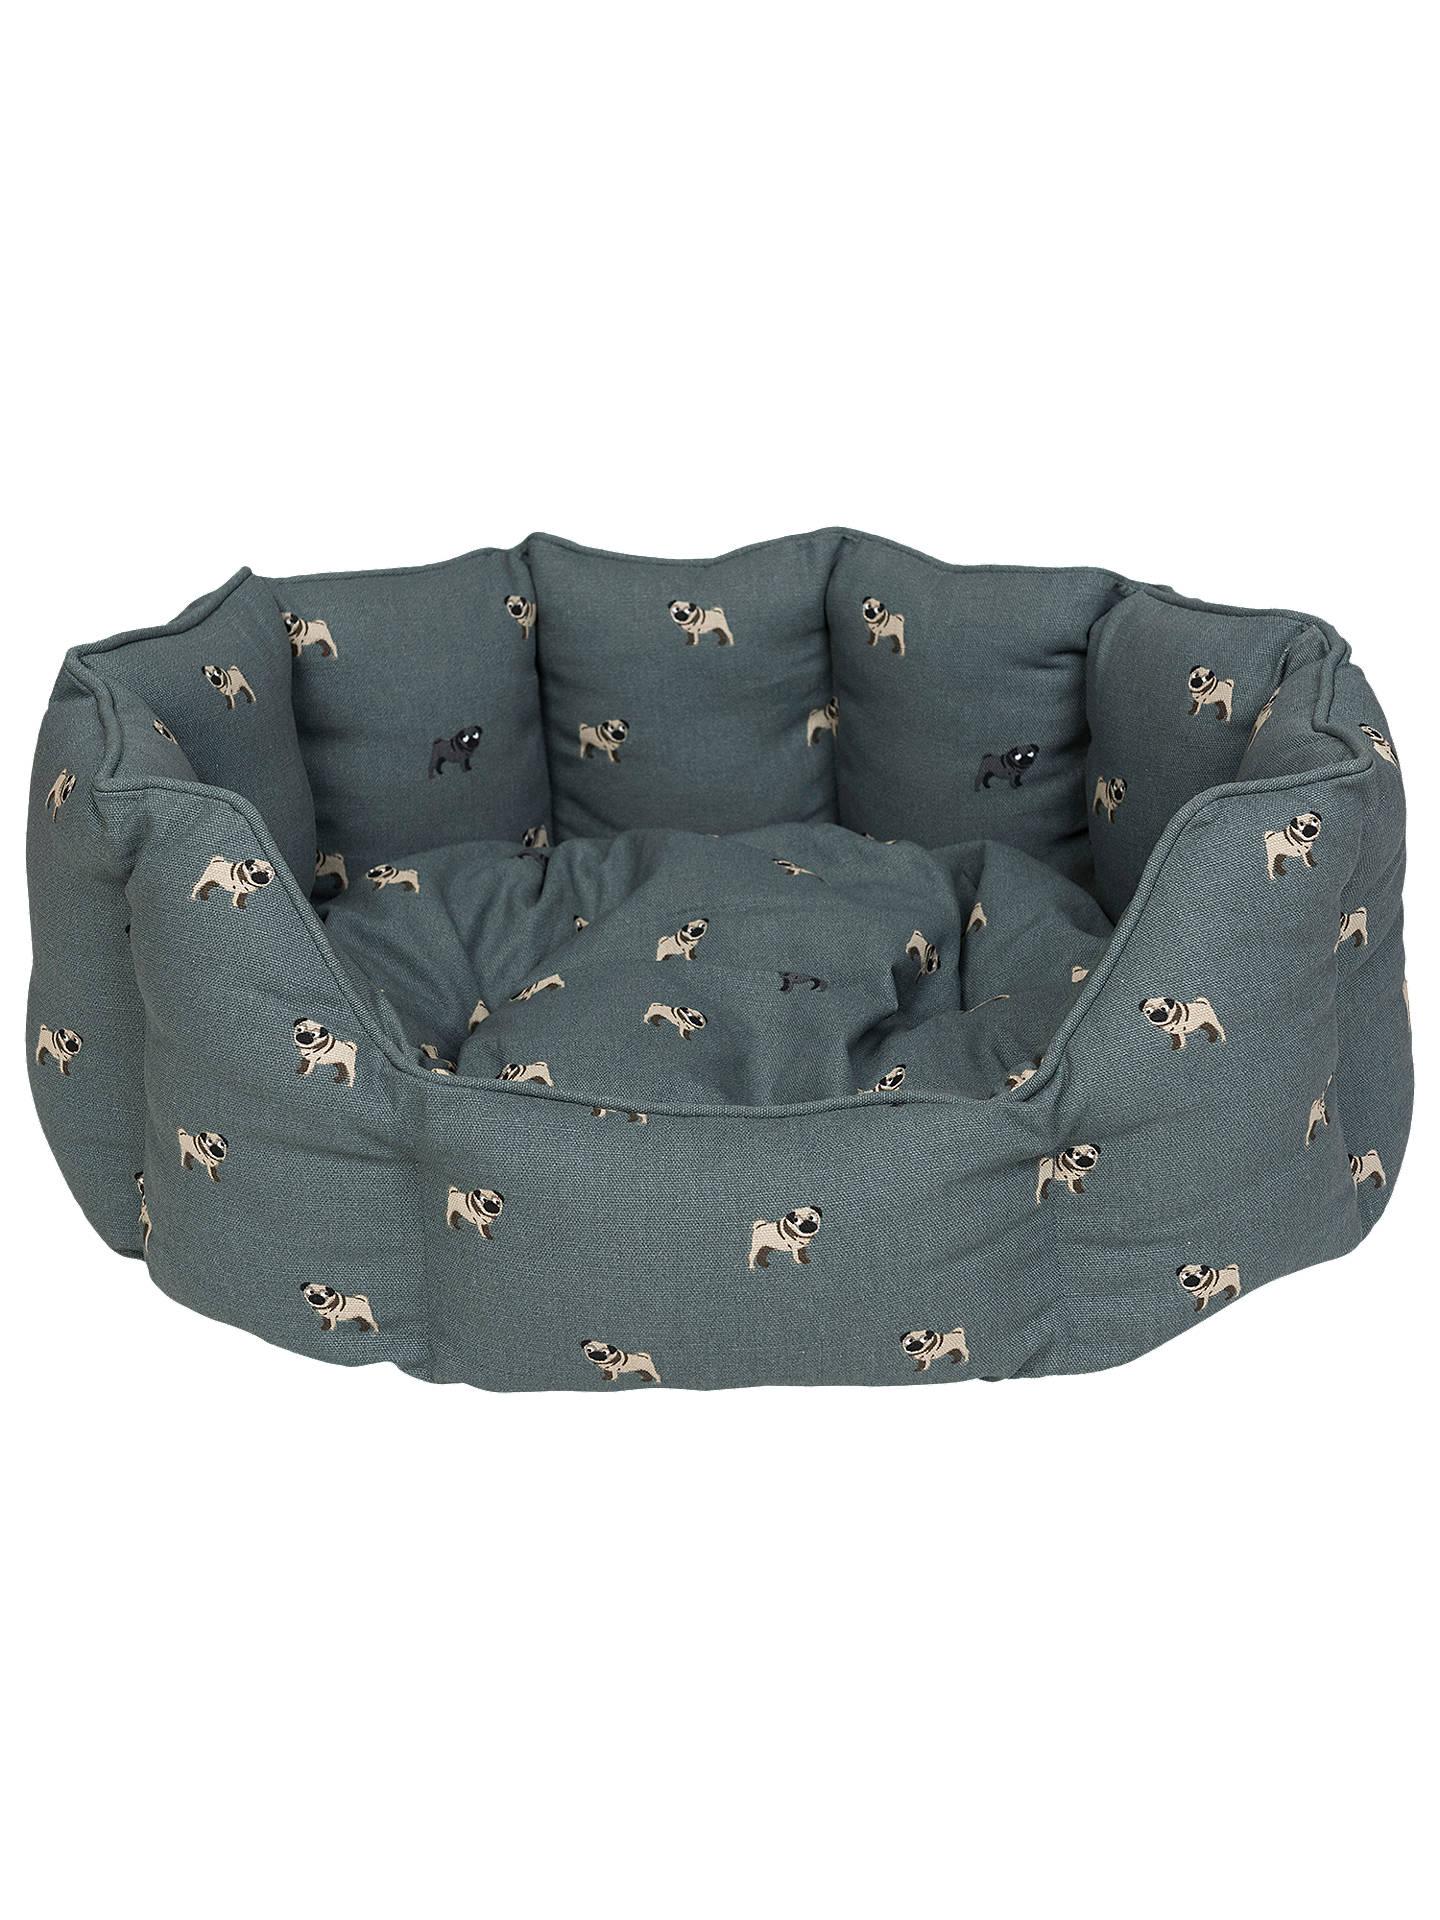 3ab0d03c56b Buy Sophie Allport Pug Dog Bed